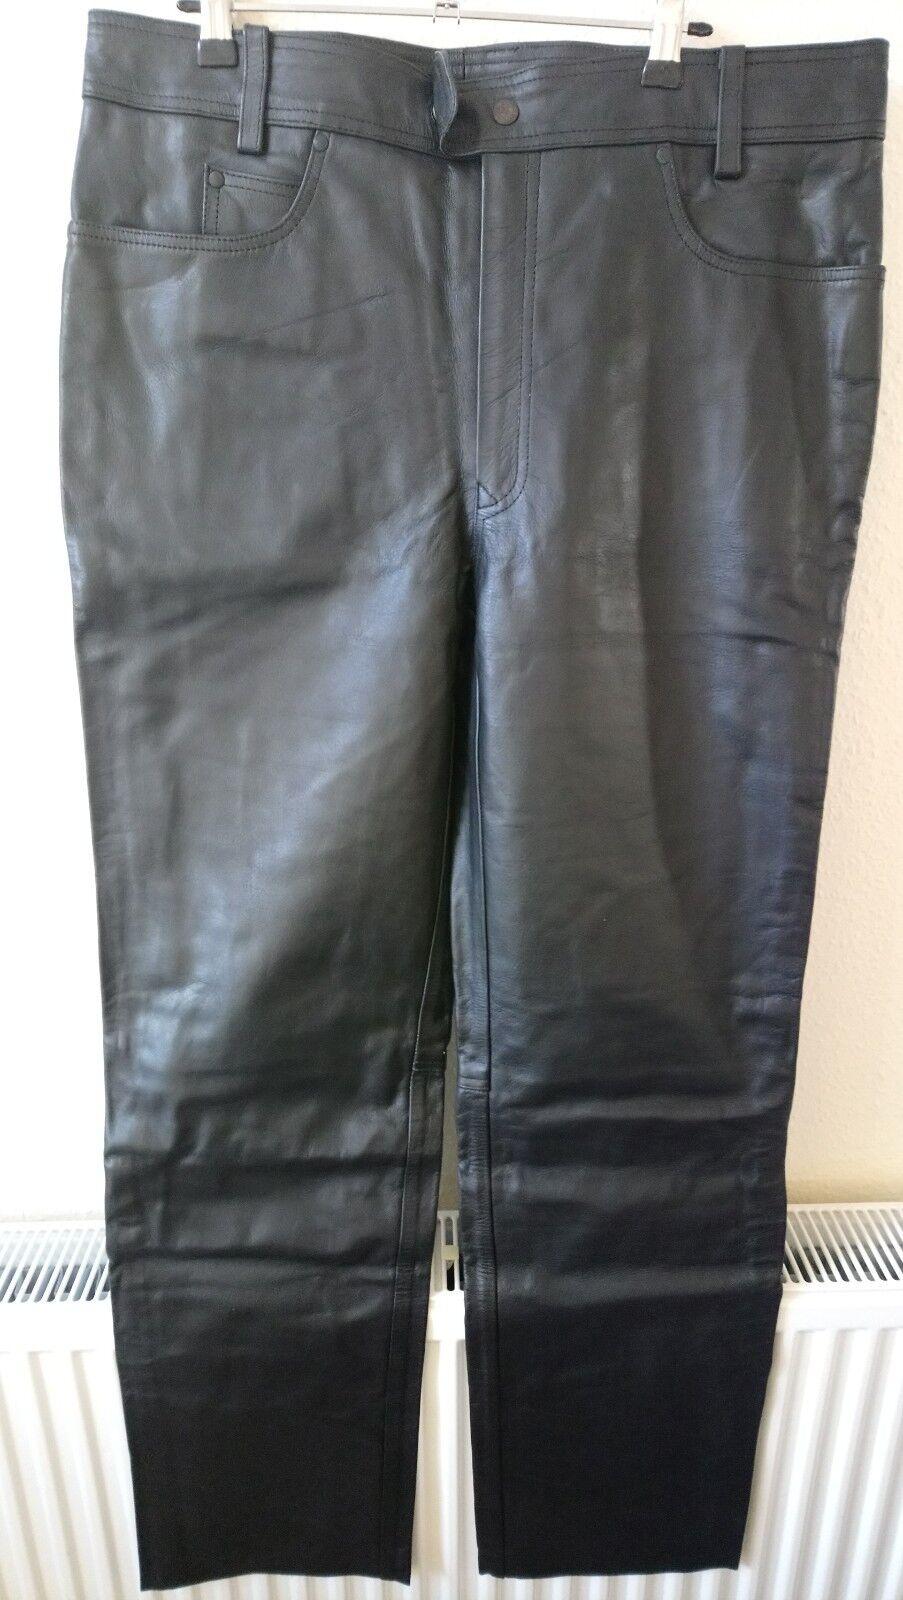 Real cuir Leggings Pantalon Bnwt